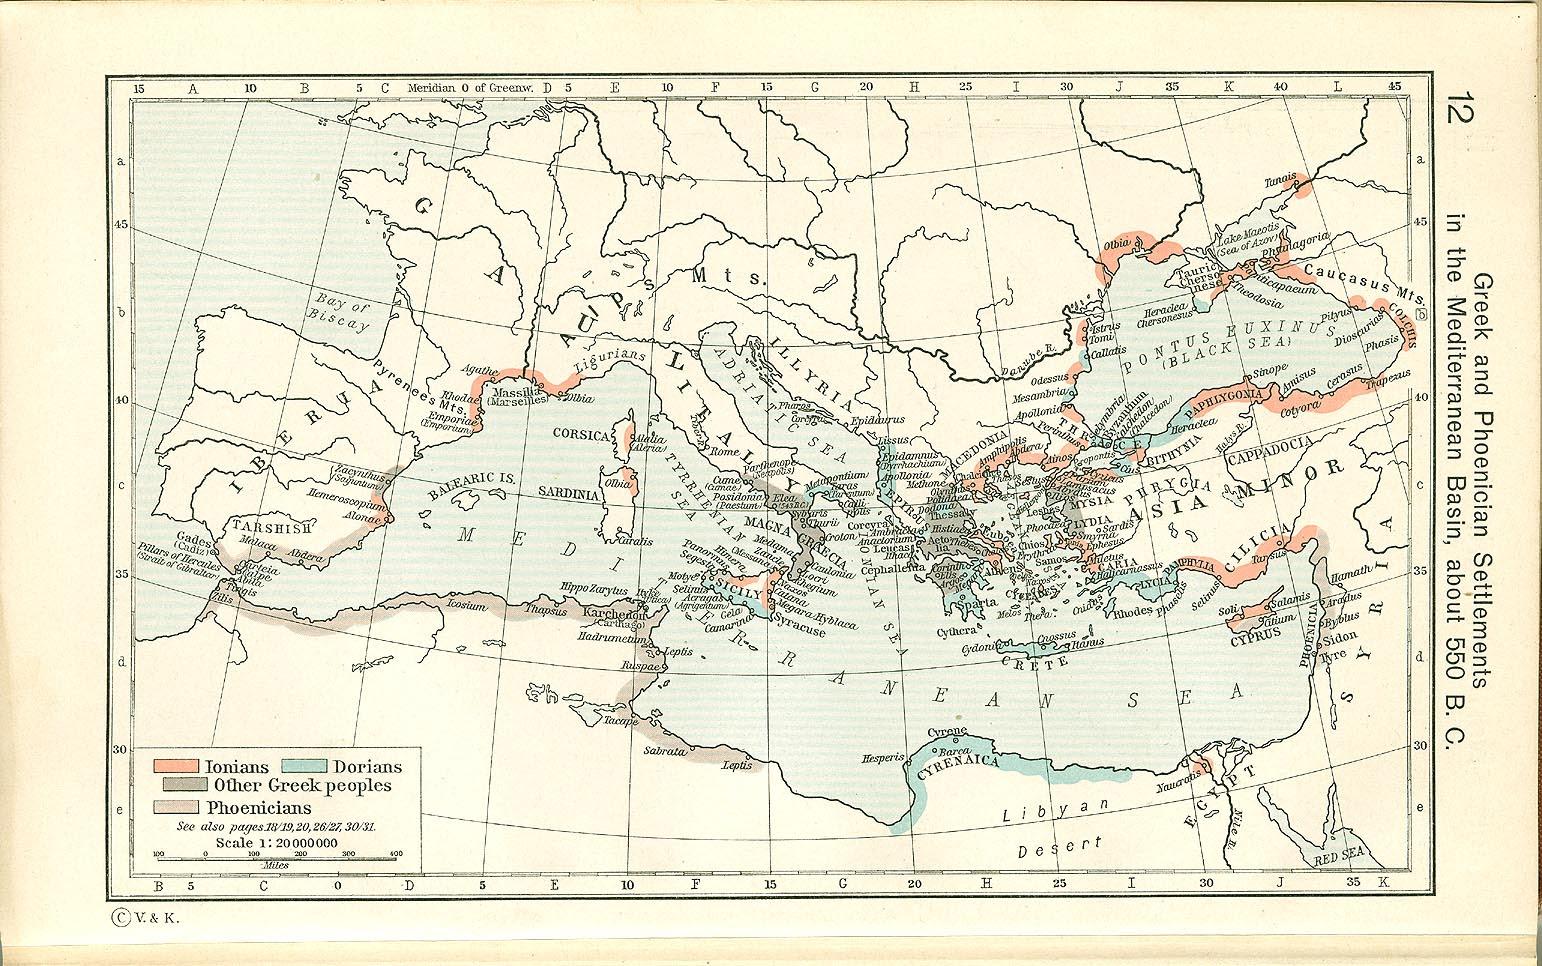 http://www.lib.utexas.edu/maps/historical/shepherd_1911/shepherd-c-012.jpg